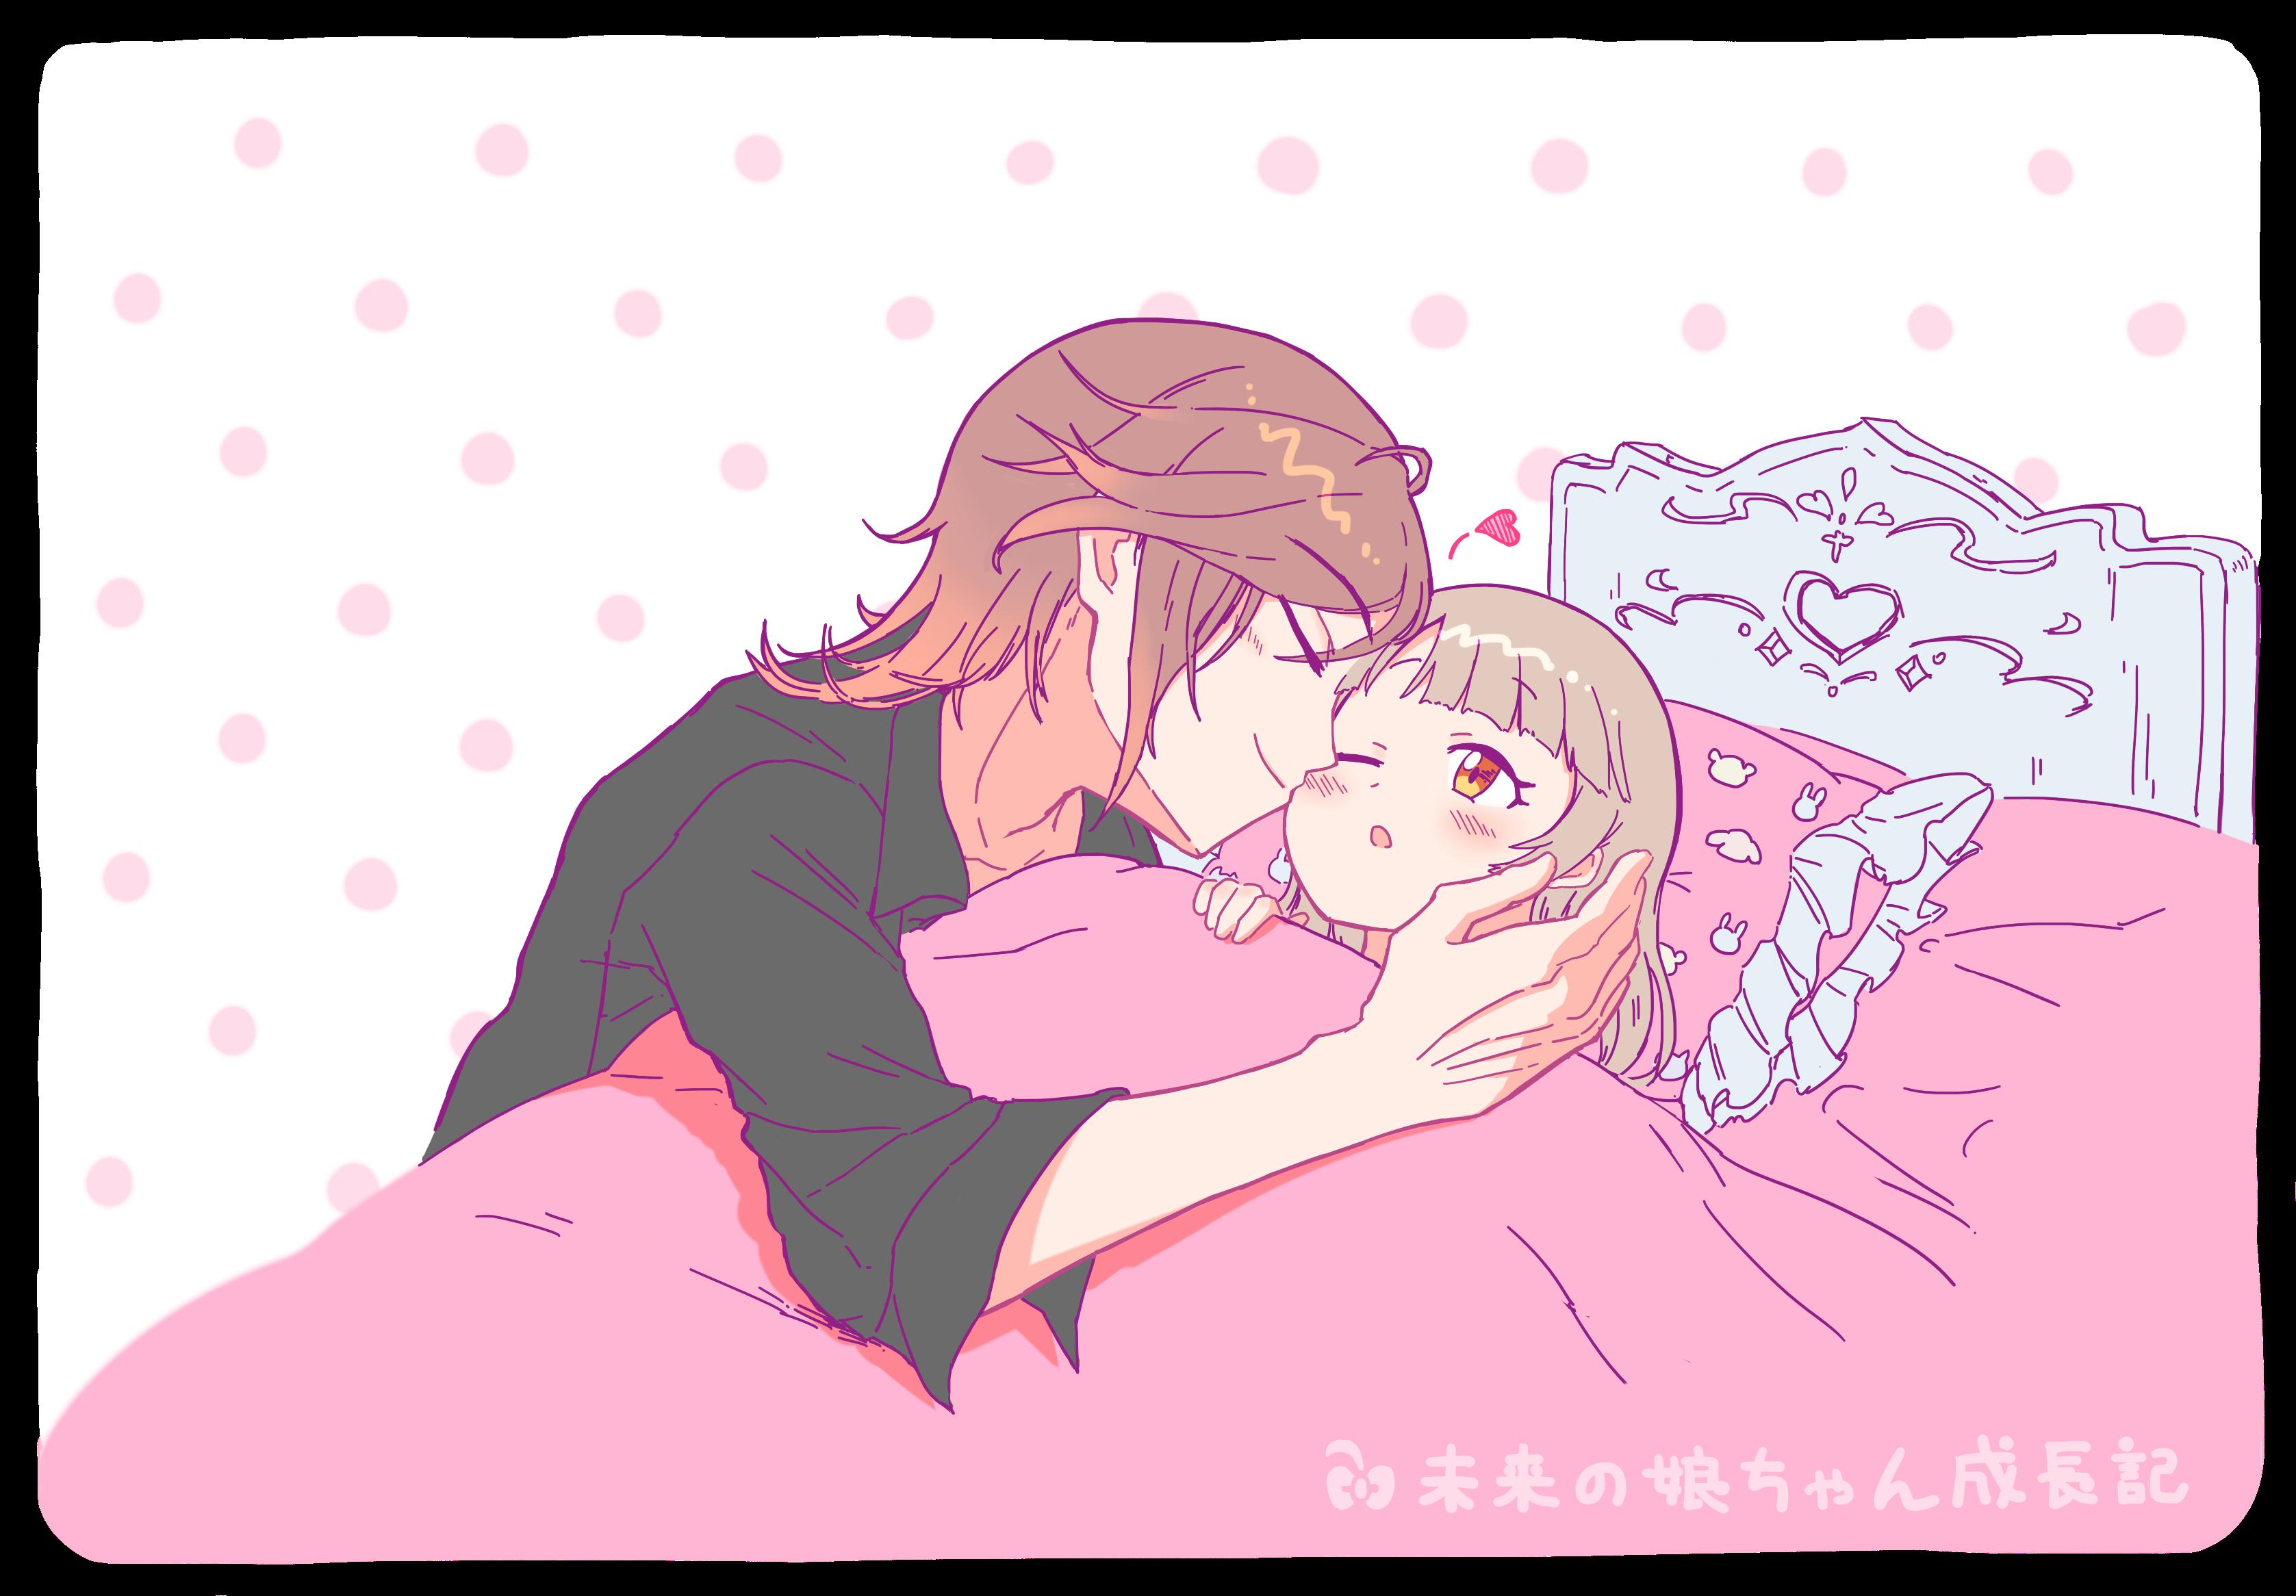 おやすみの挨拶